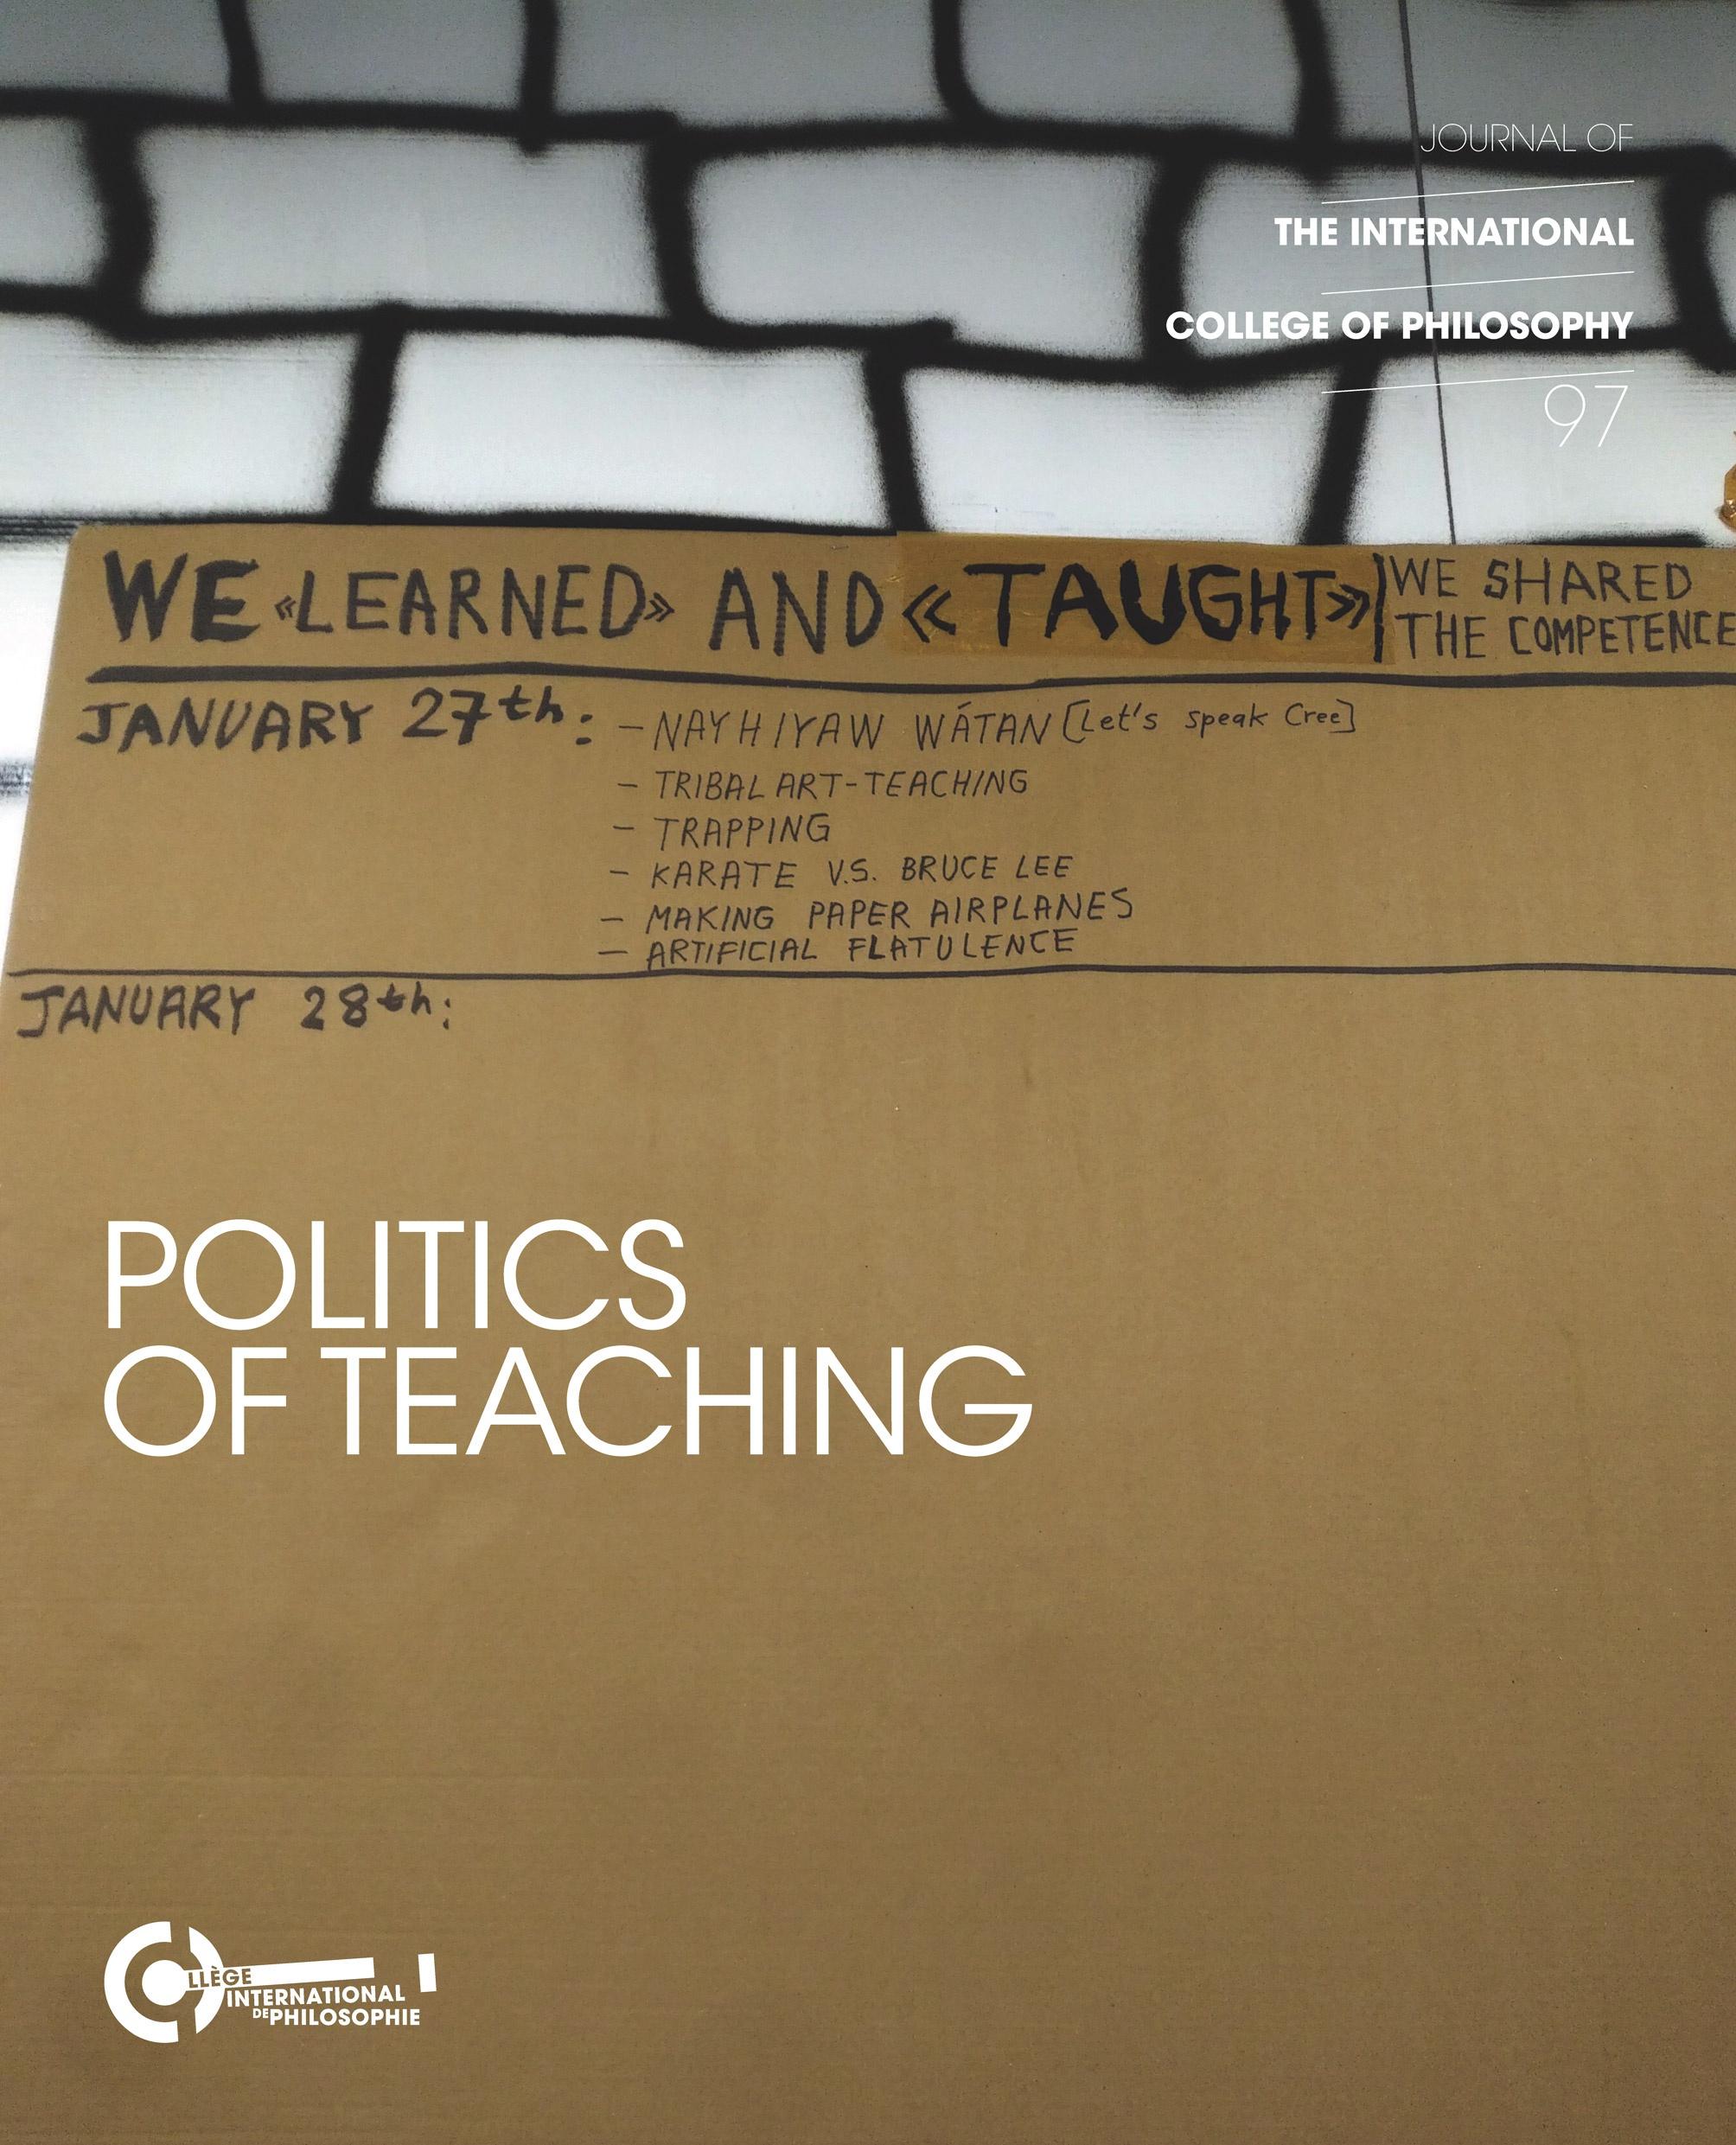 Politics of teaching